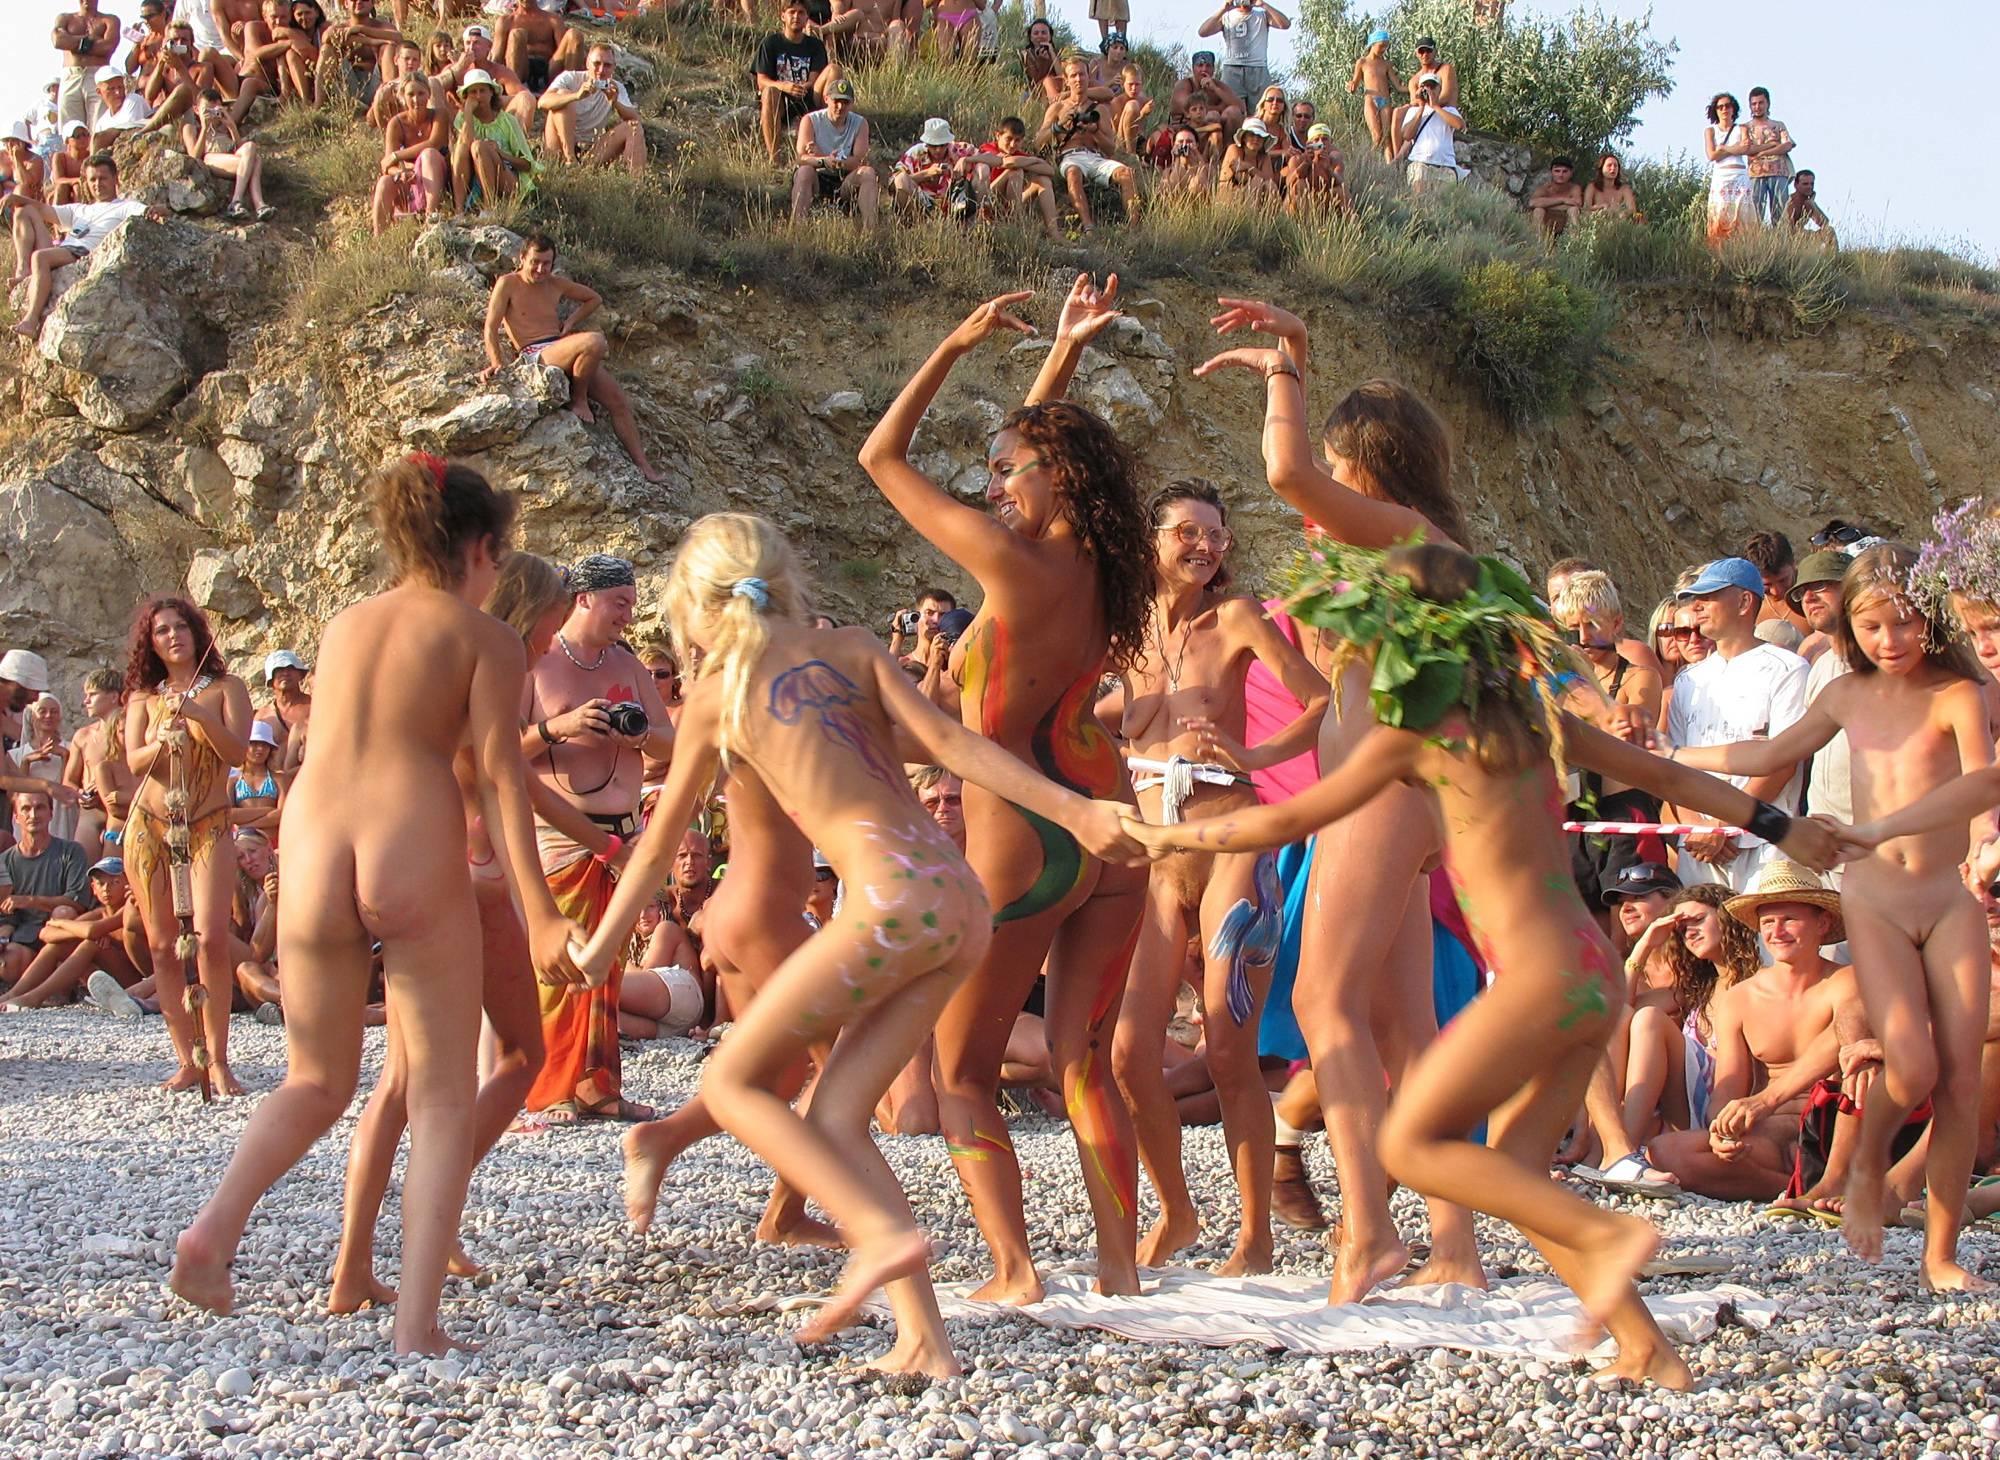 Nudist Pics Rocky Hill Luau Pow Wow - 2